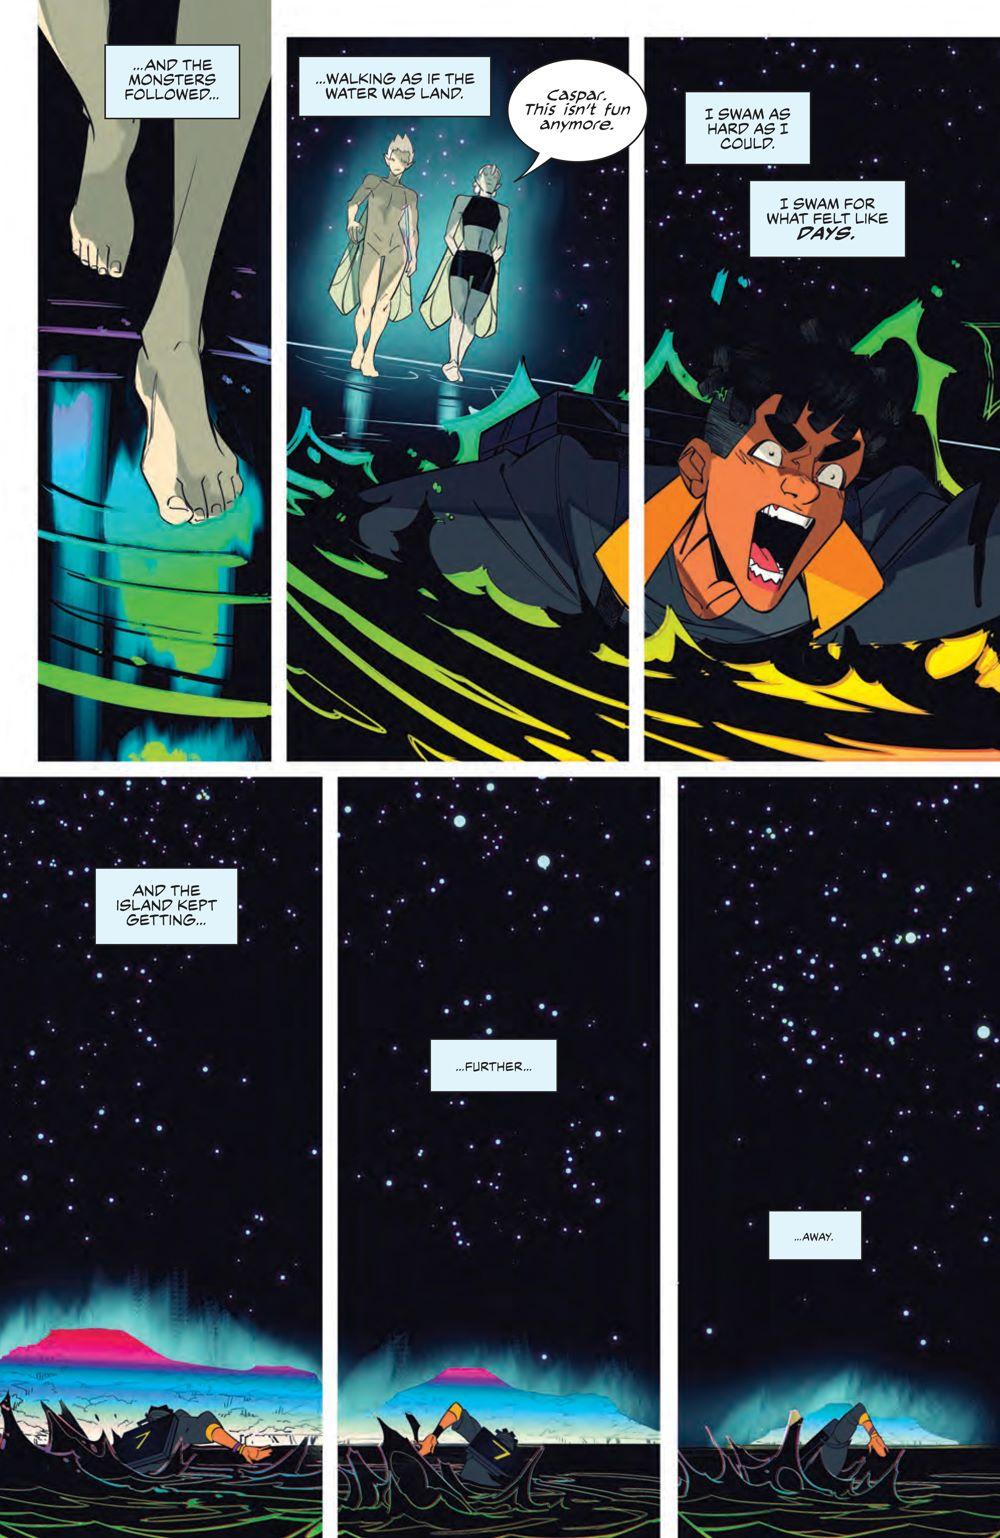 SevenSecrets_007_PRESS_7 ComicList Previews: SEVEN SECRETS #7